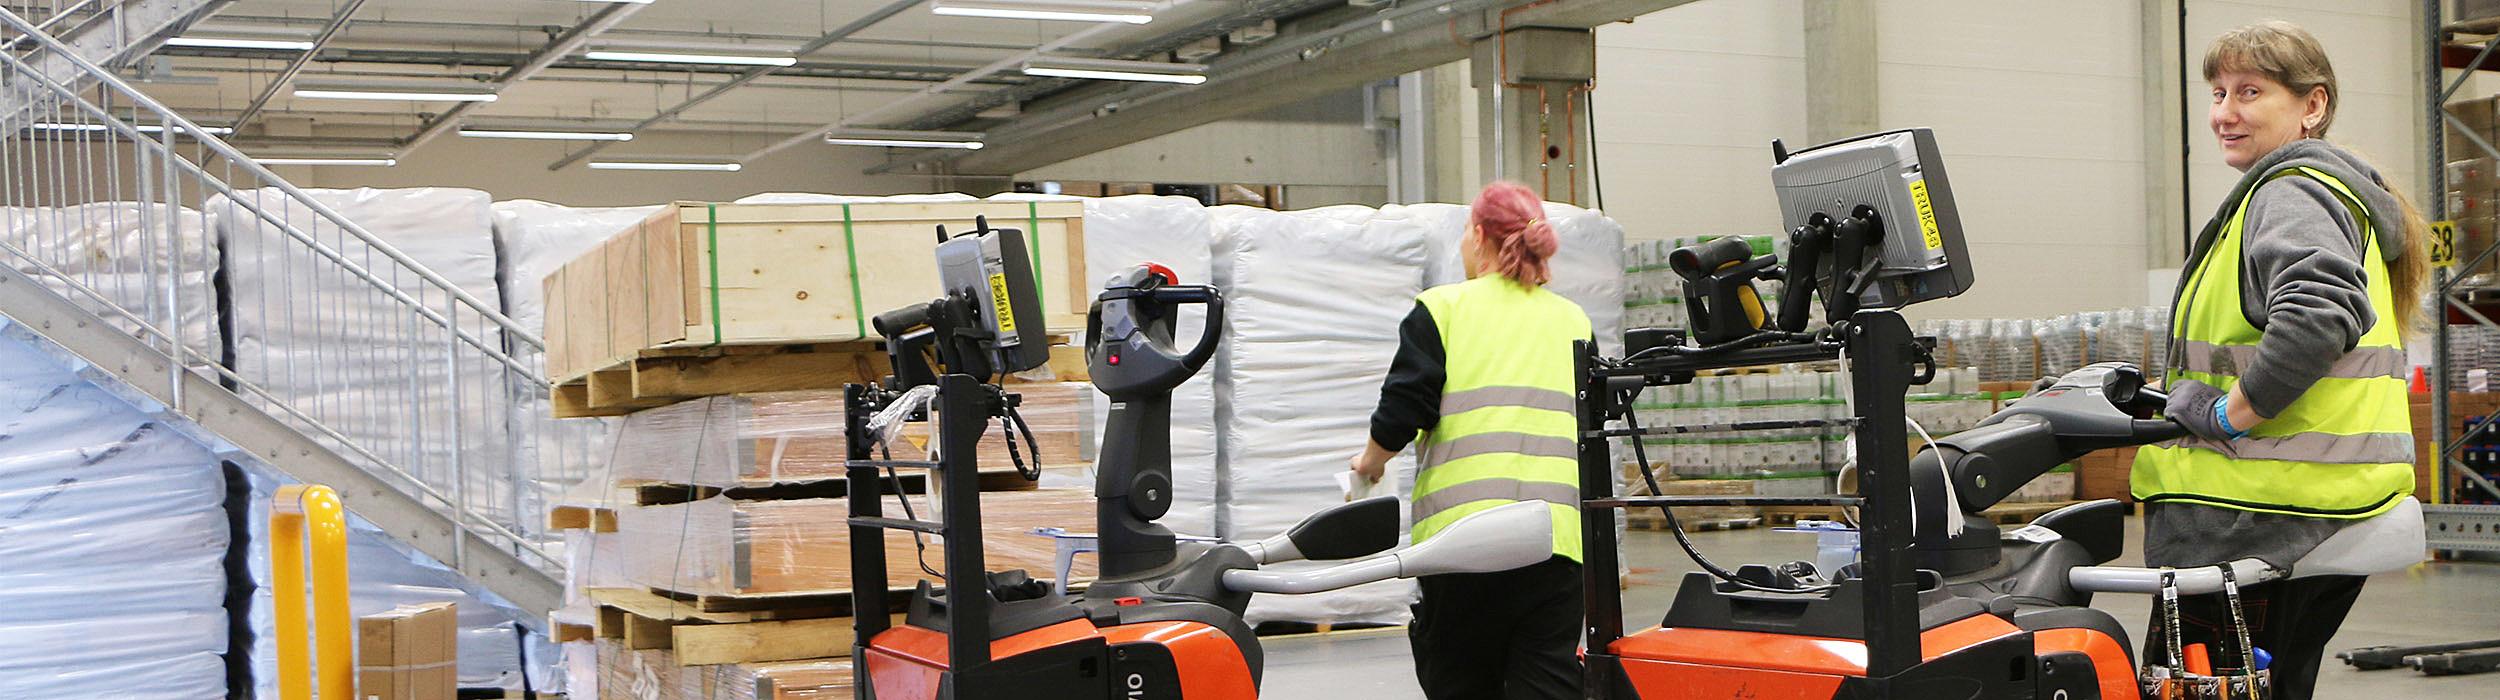 Broman logistics luotta Toyottan trukkien laatuun